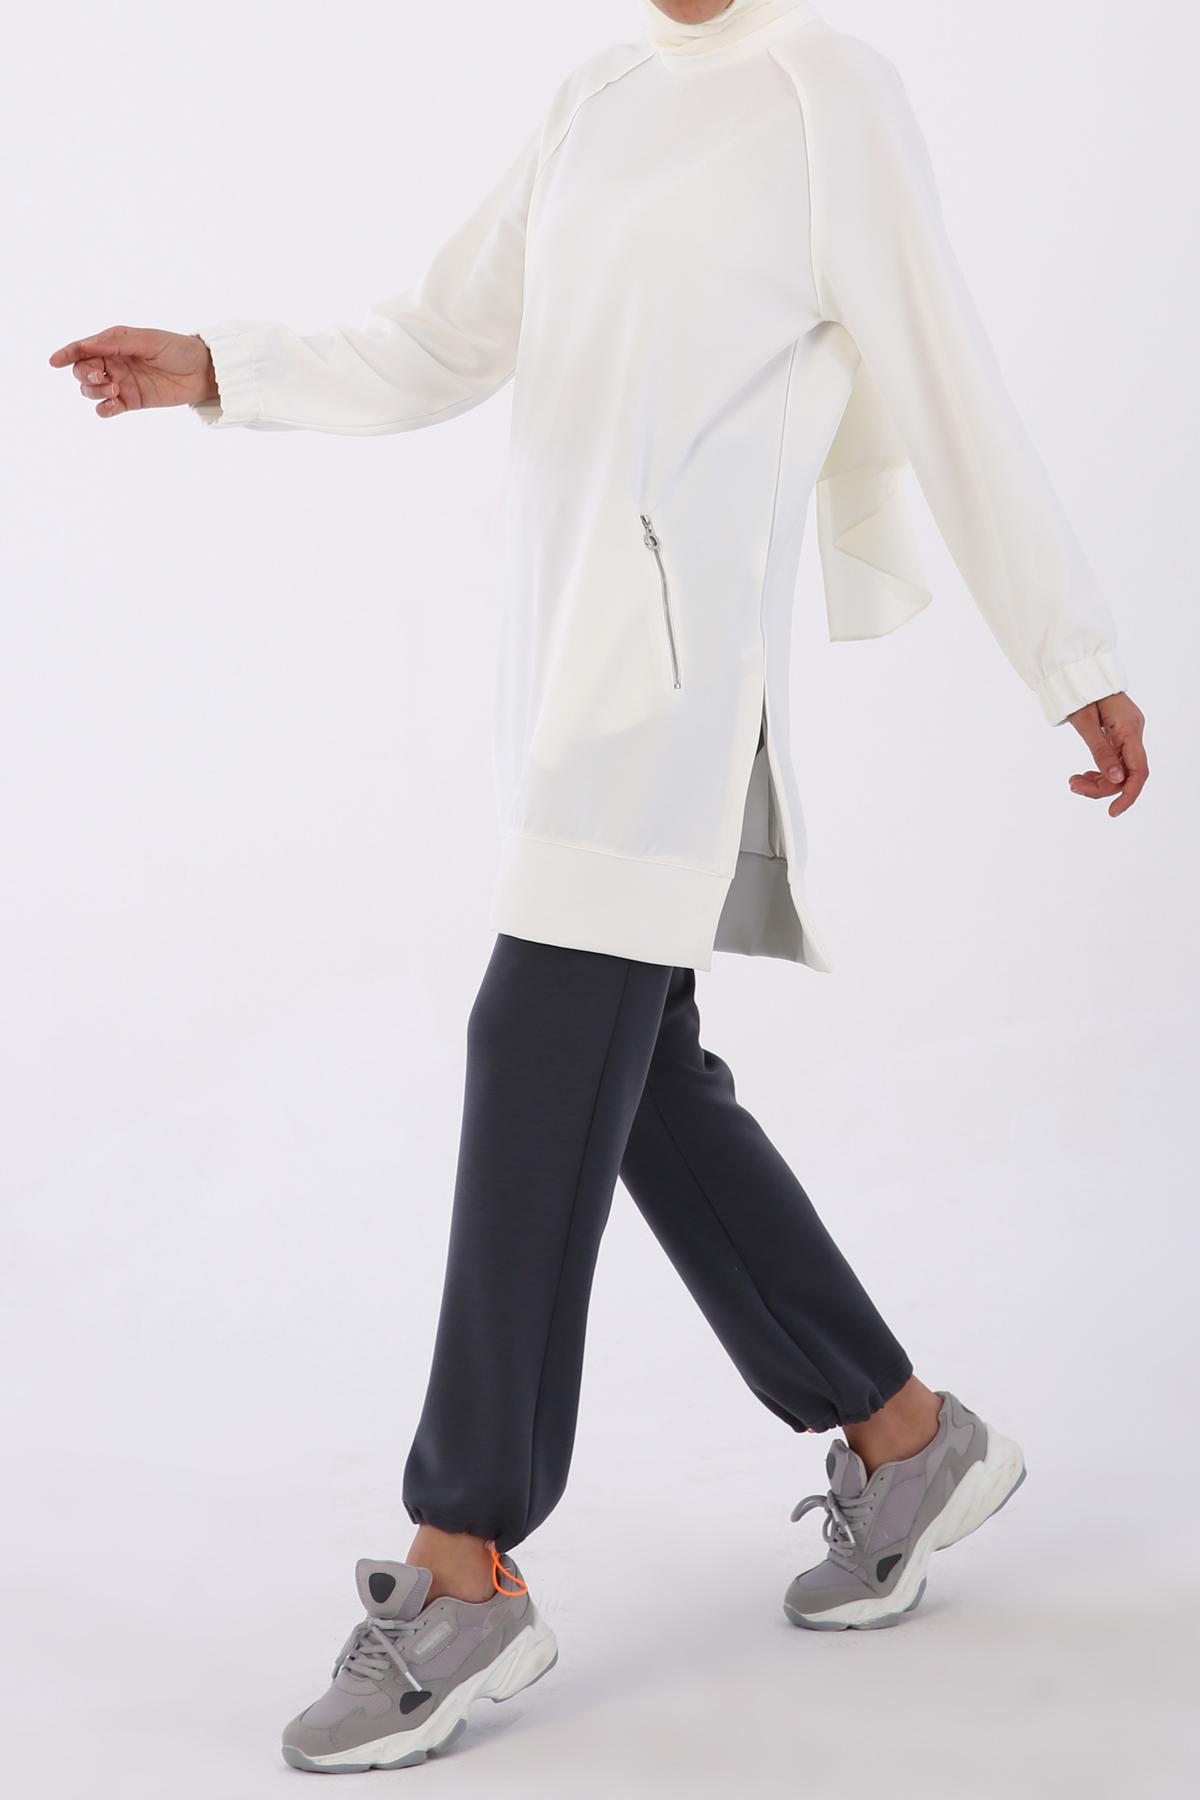 Jacquard Fabric Zipper Detailed Tunic